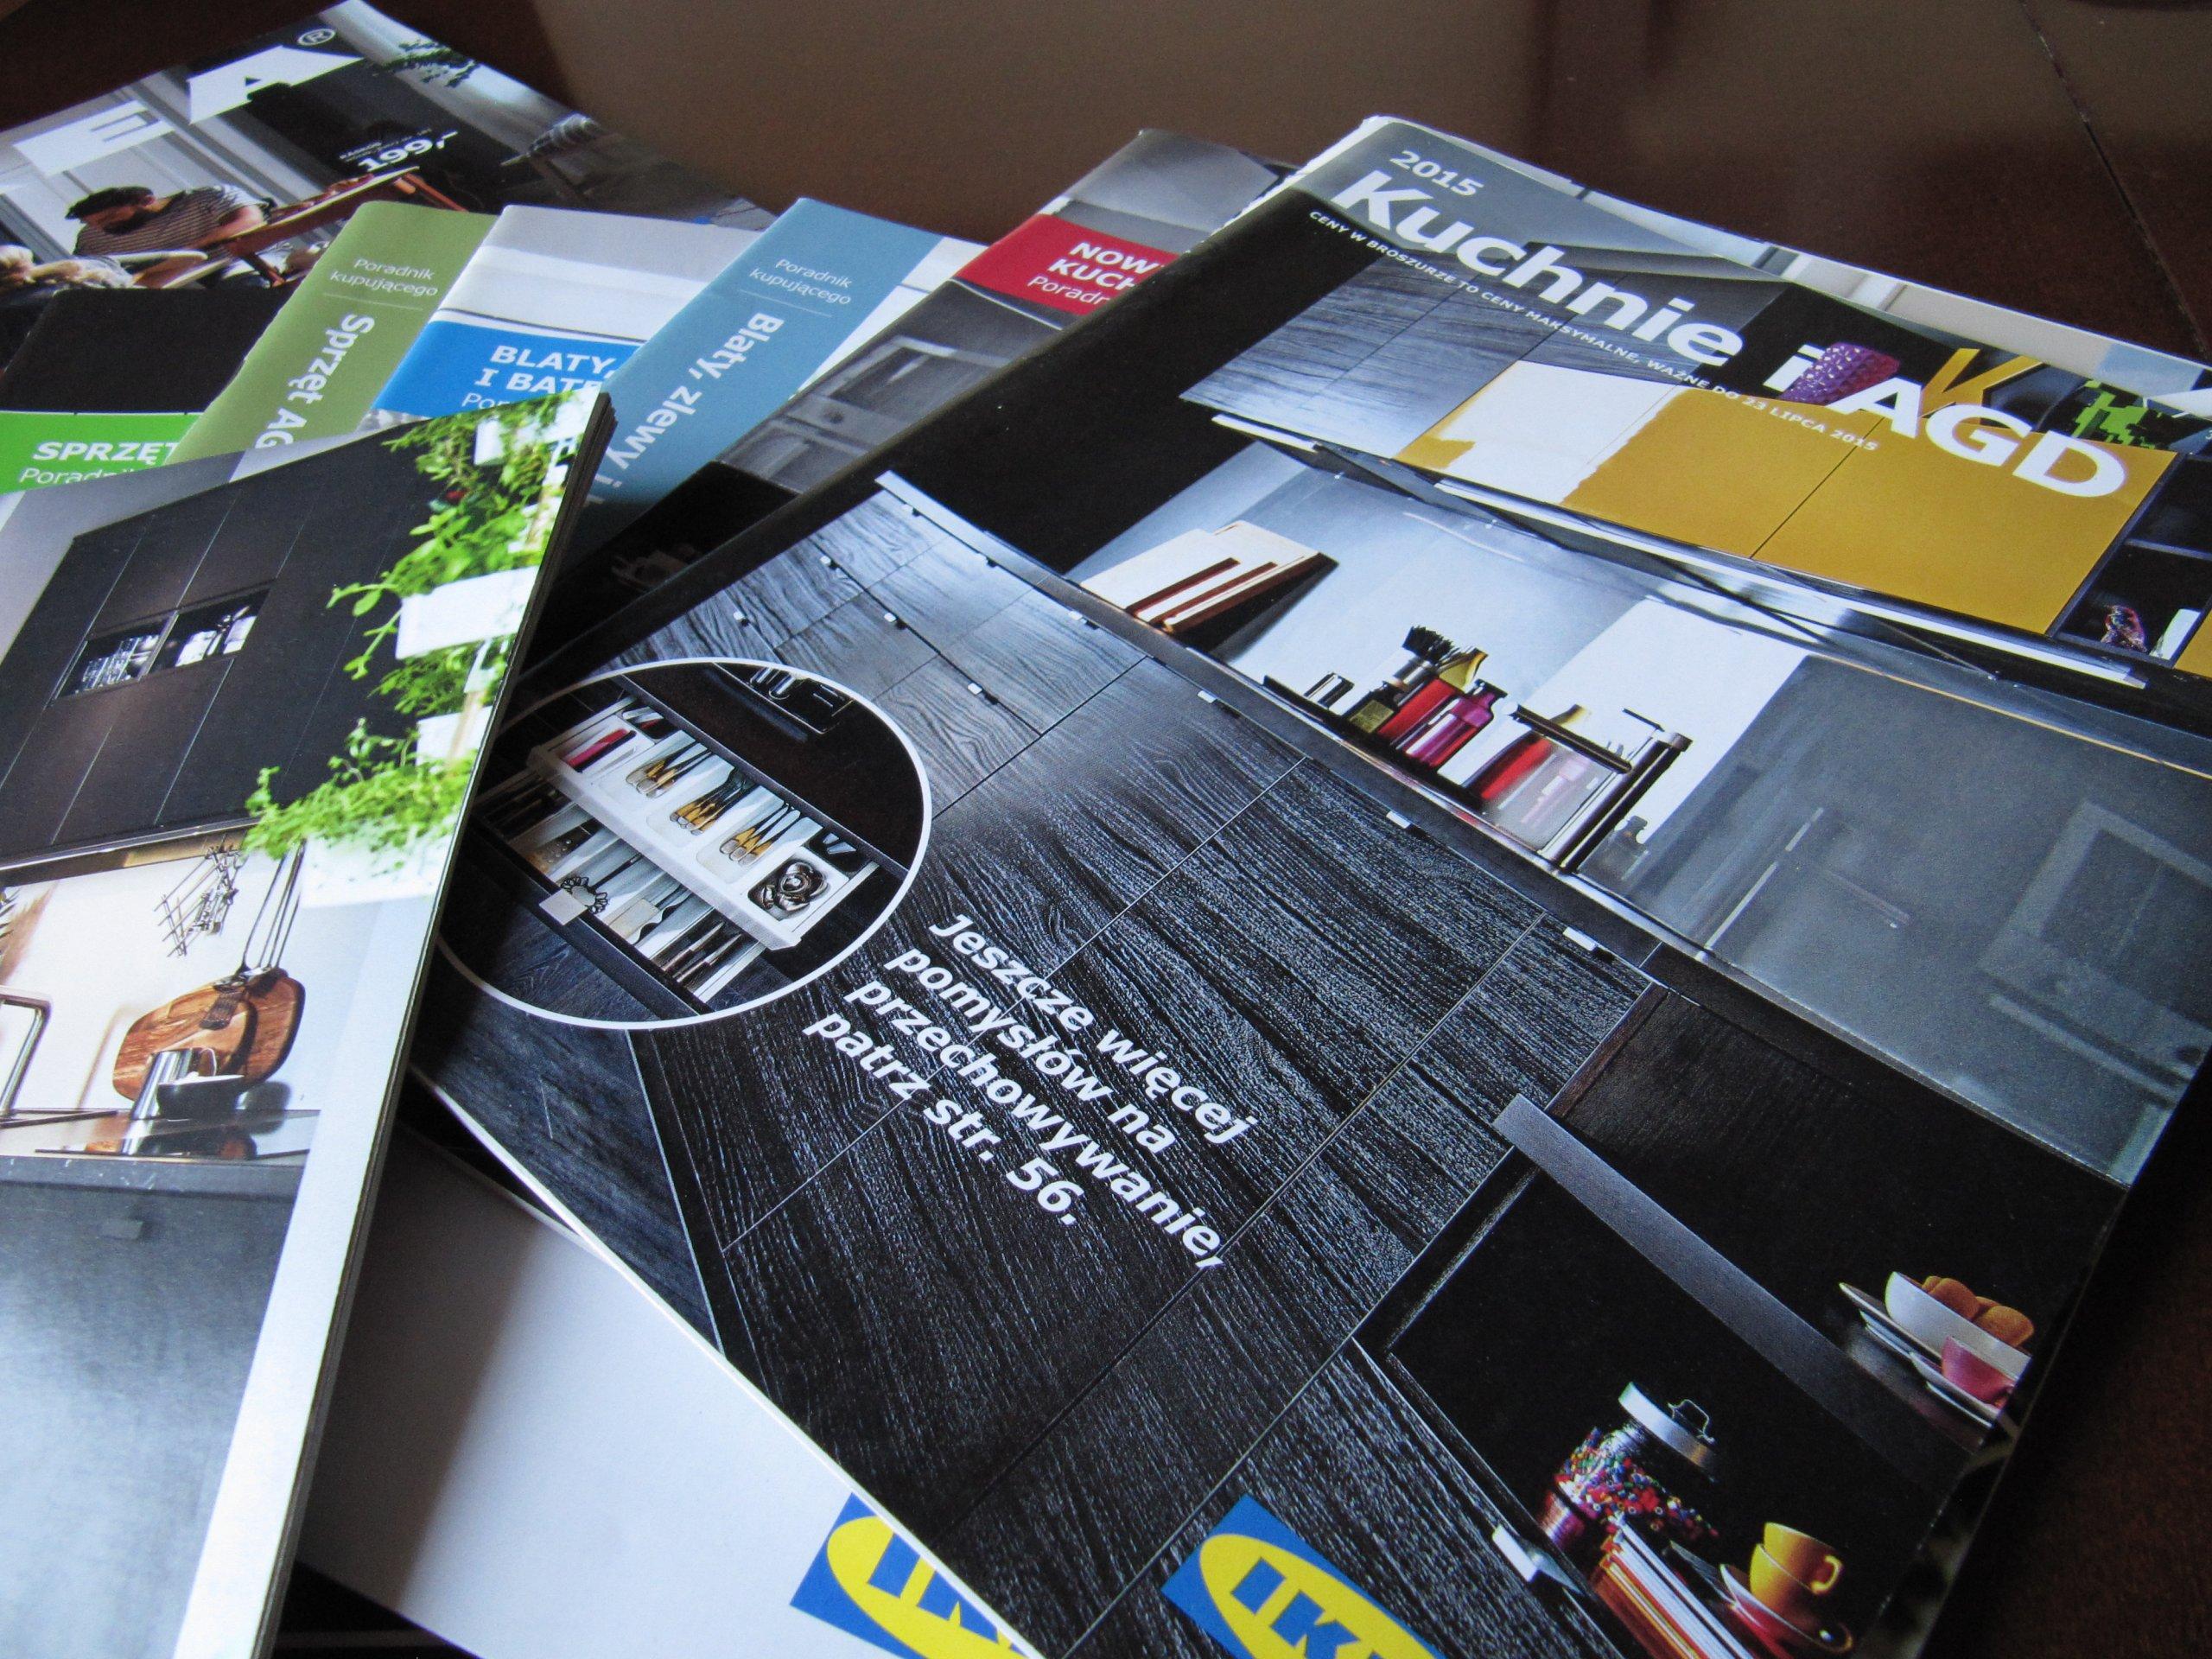 12 X Katalog Ikea Meble Agd Kuchnie 2012 2018 7283367666